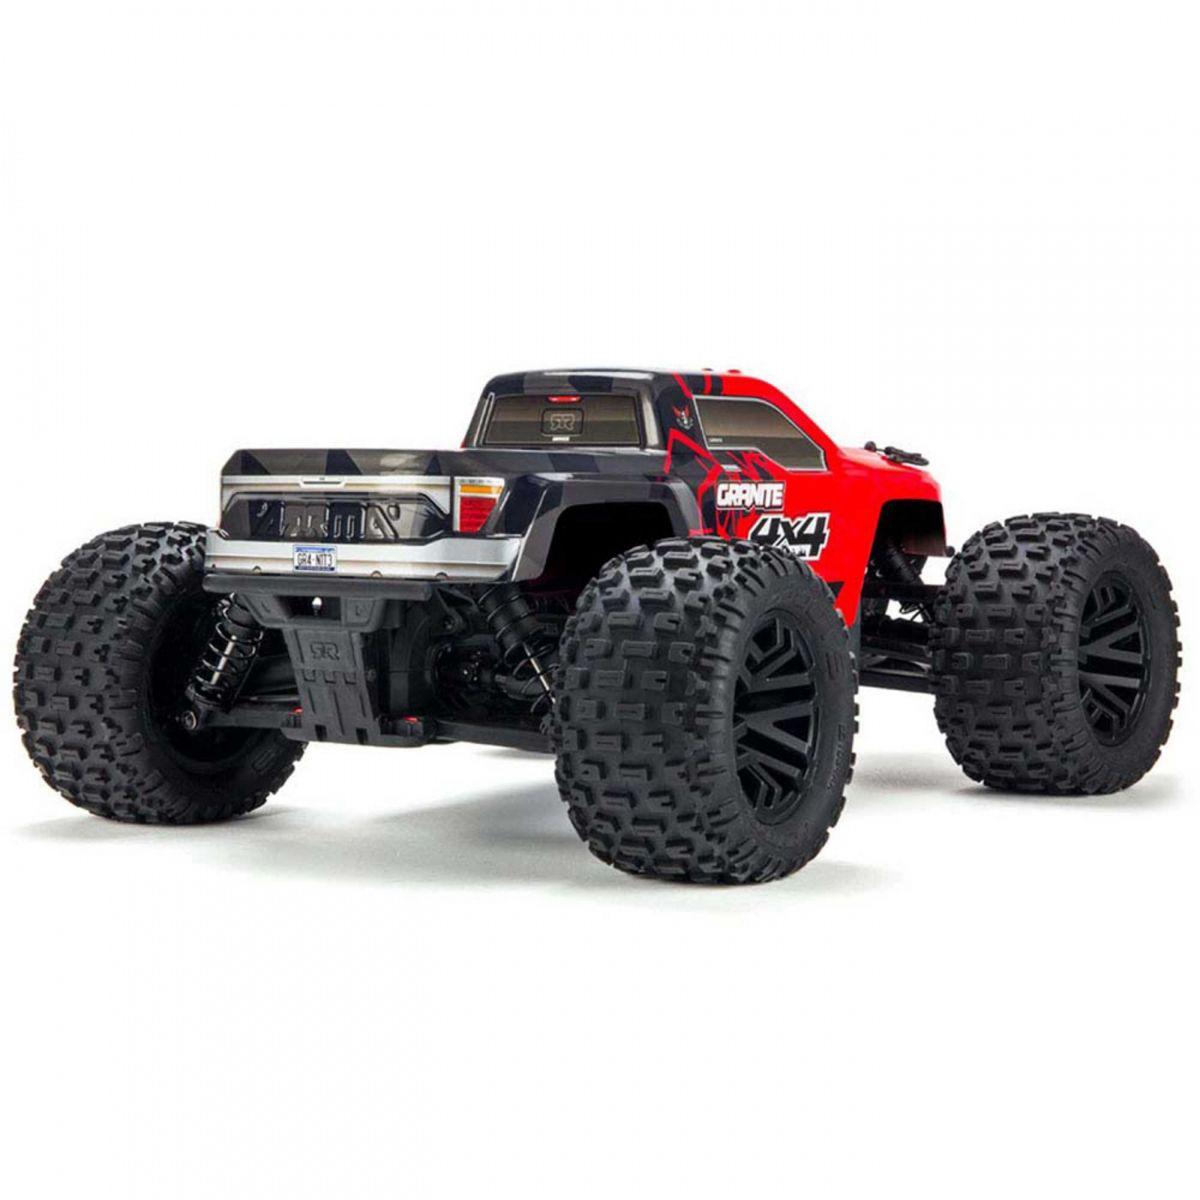 Arrma Granite 4x4 Mega Monster Truck Red 1/10 rtr 2